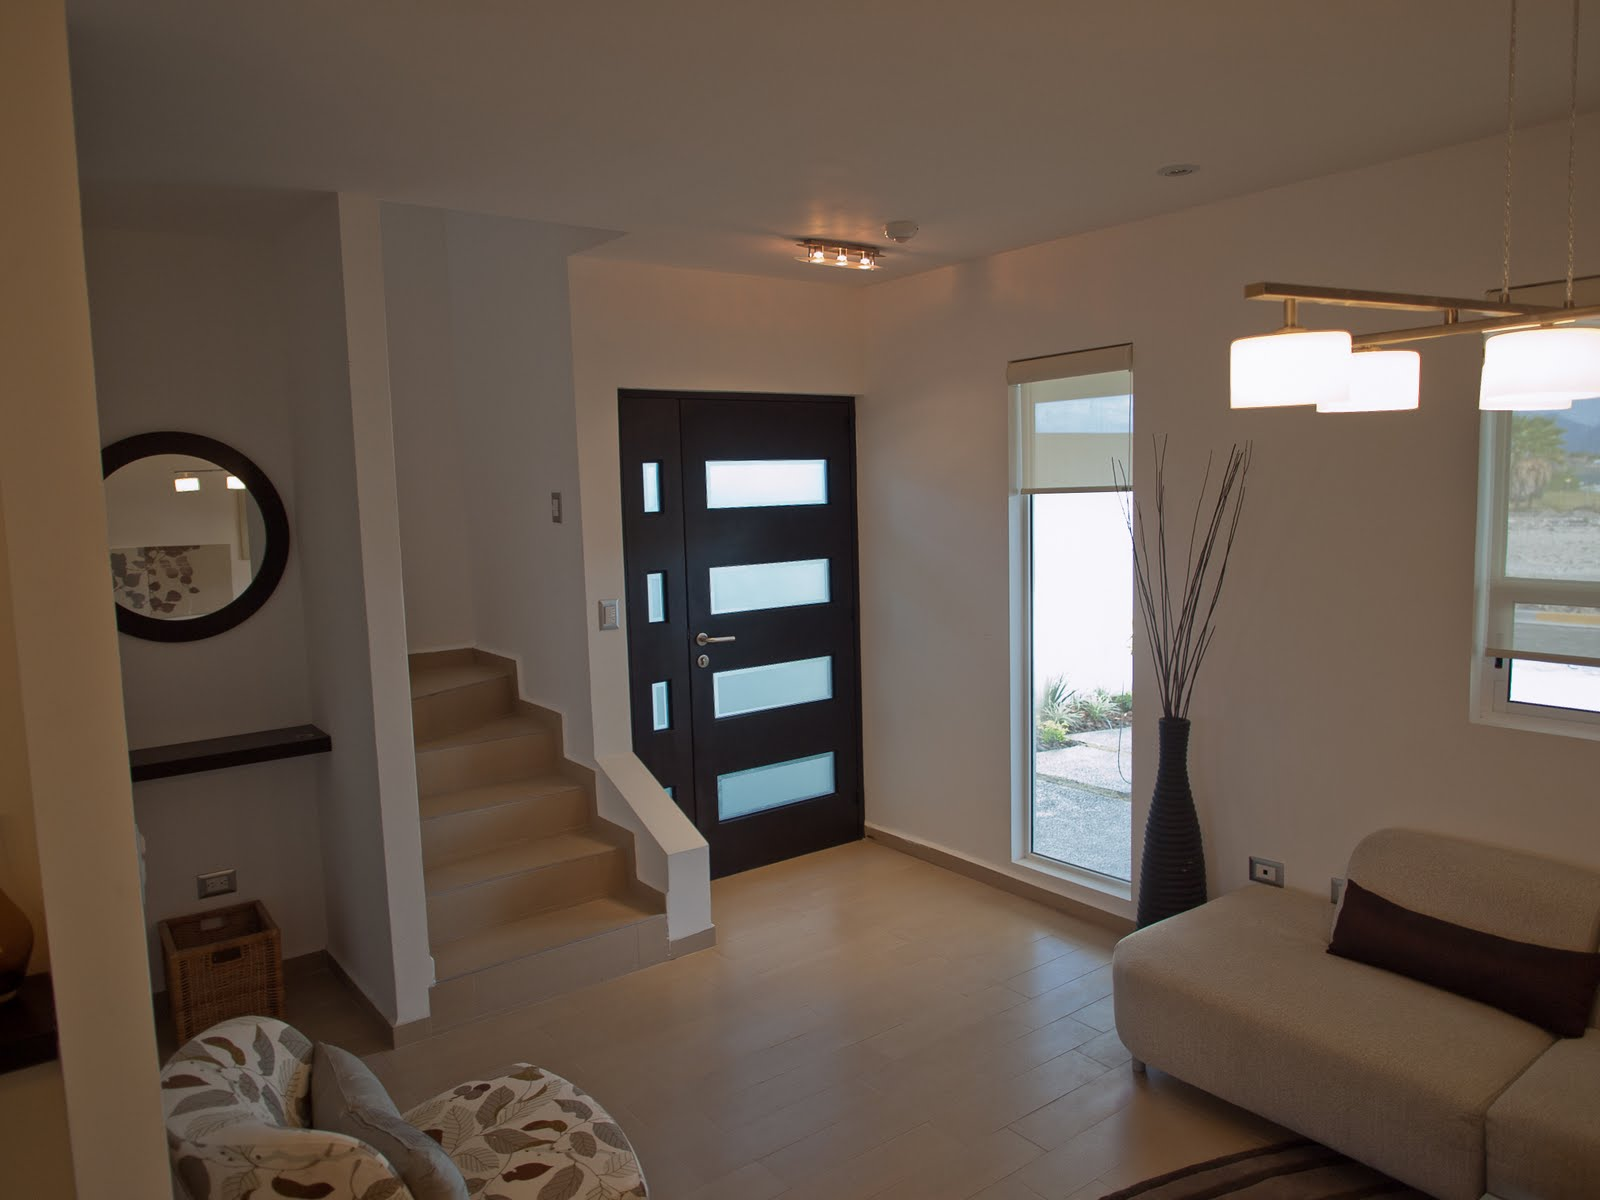 Casas en venta y departamentos casas muestra modelos 172 for Recamaras blancas modernas